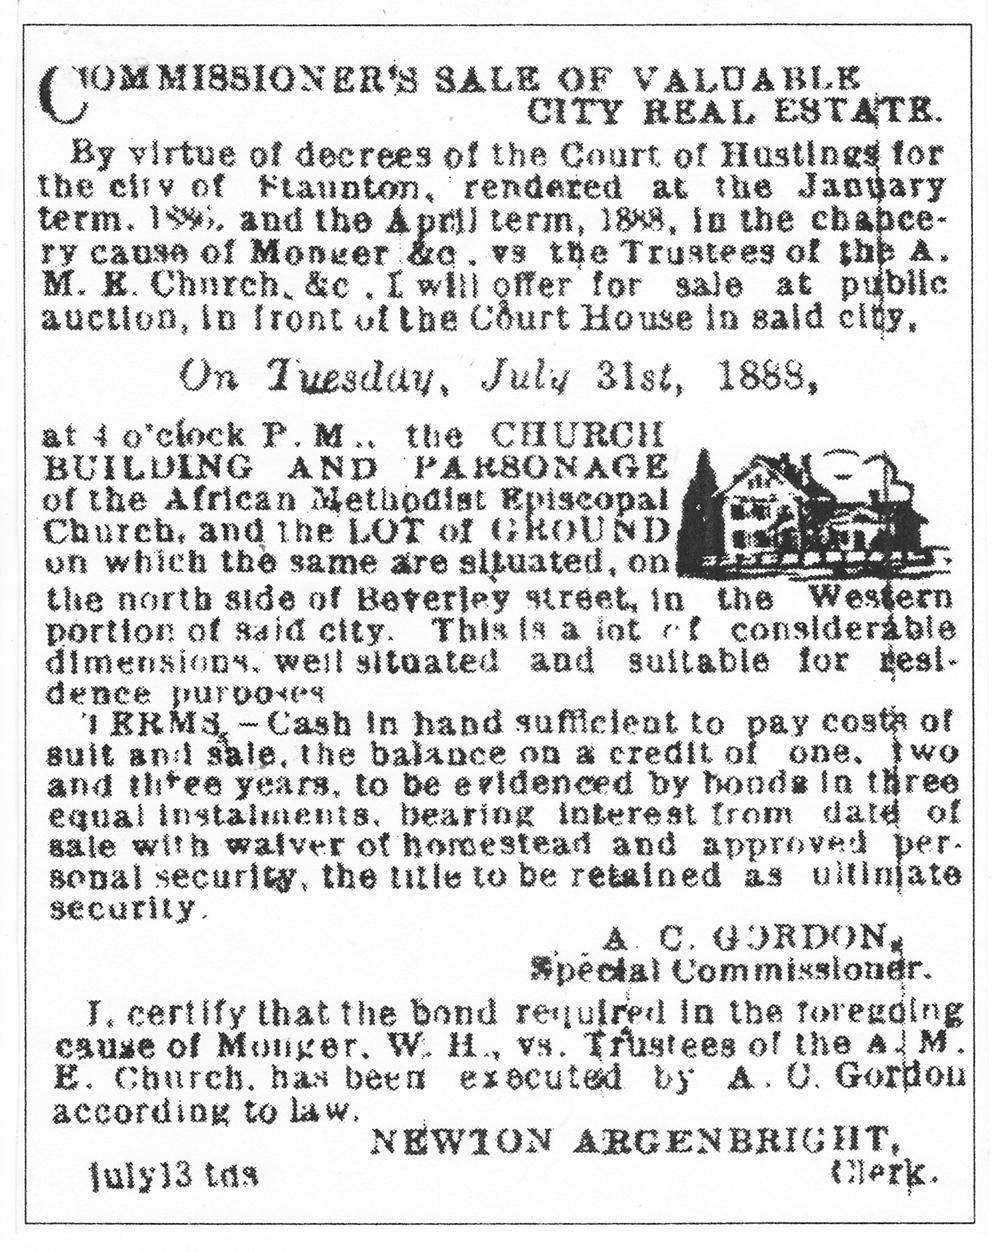 Deed notice for Allen Chapel property